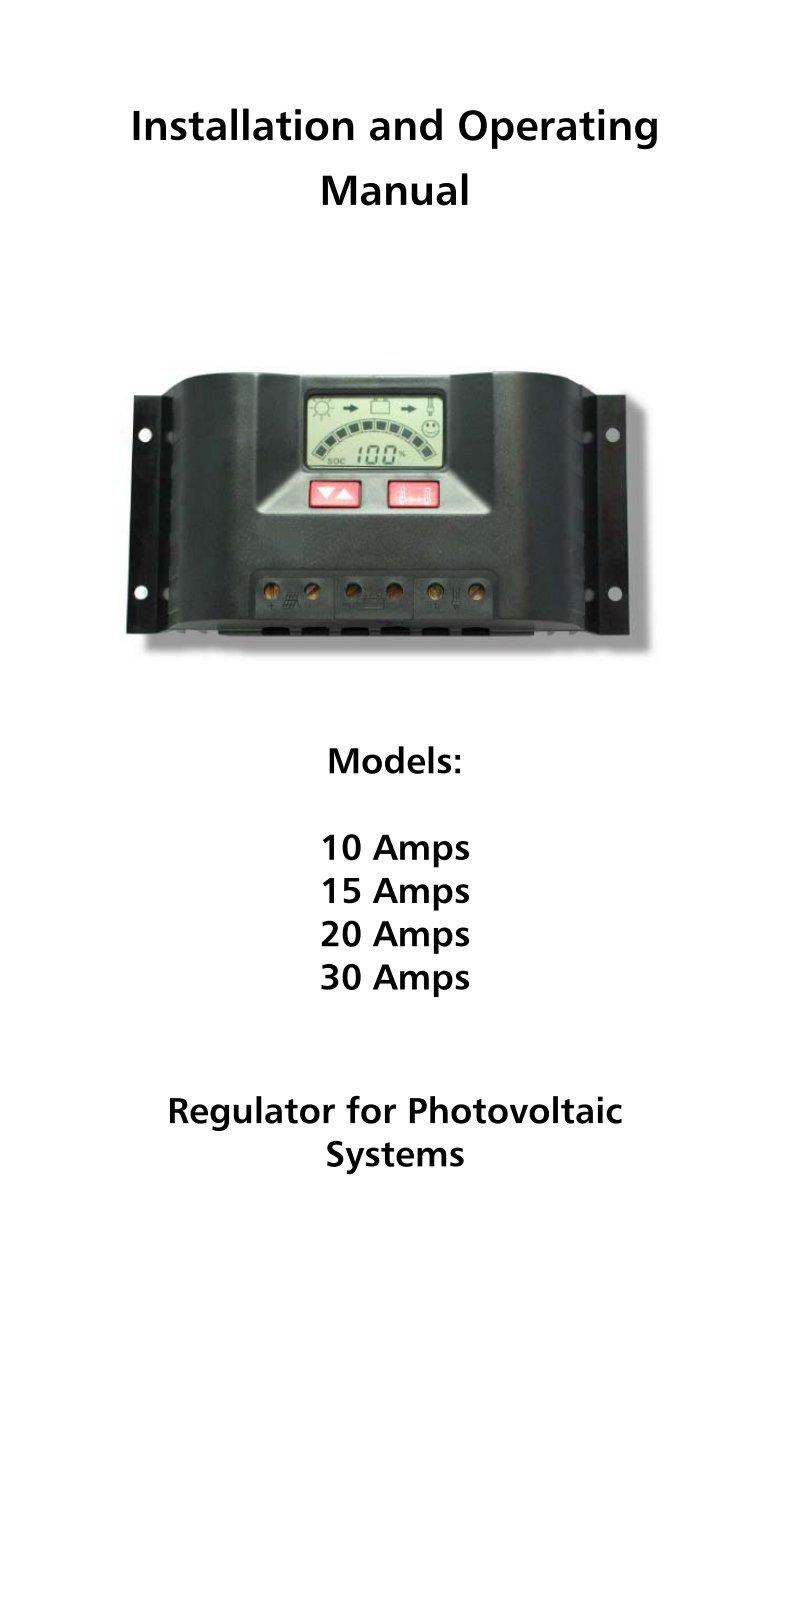 solar panel installation installation solar panels pdf rh solarpanelinstallationchirigiha blogspot com Solar Panel System Components solar system operation manual